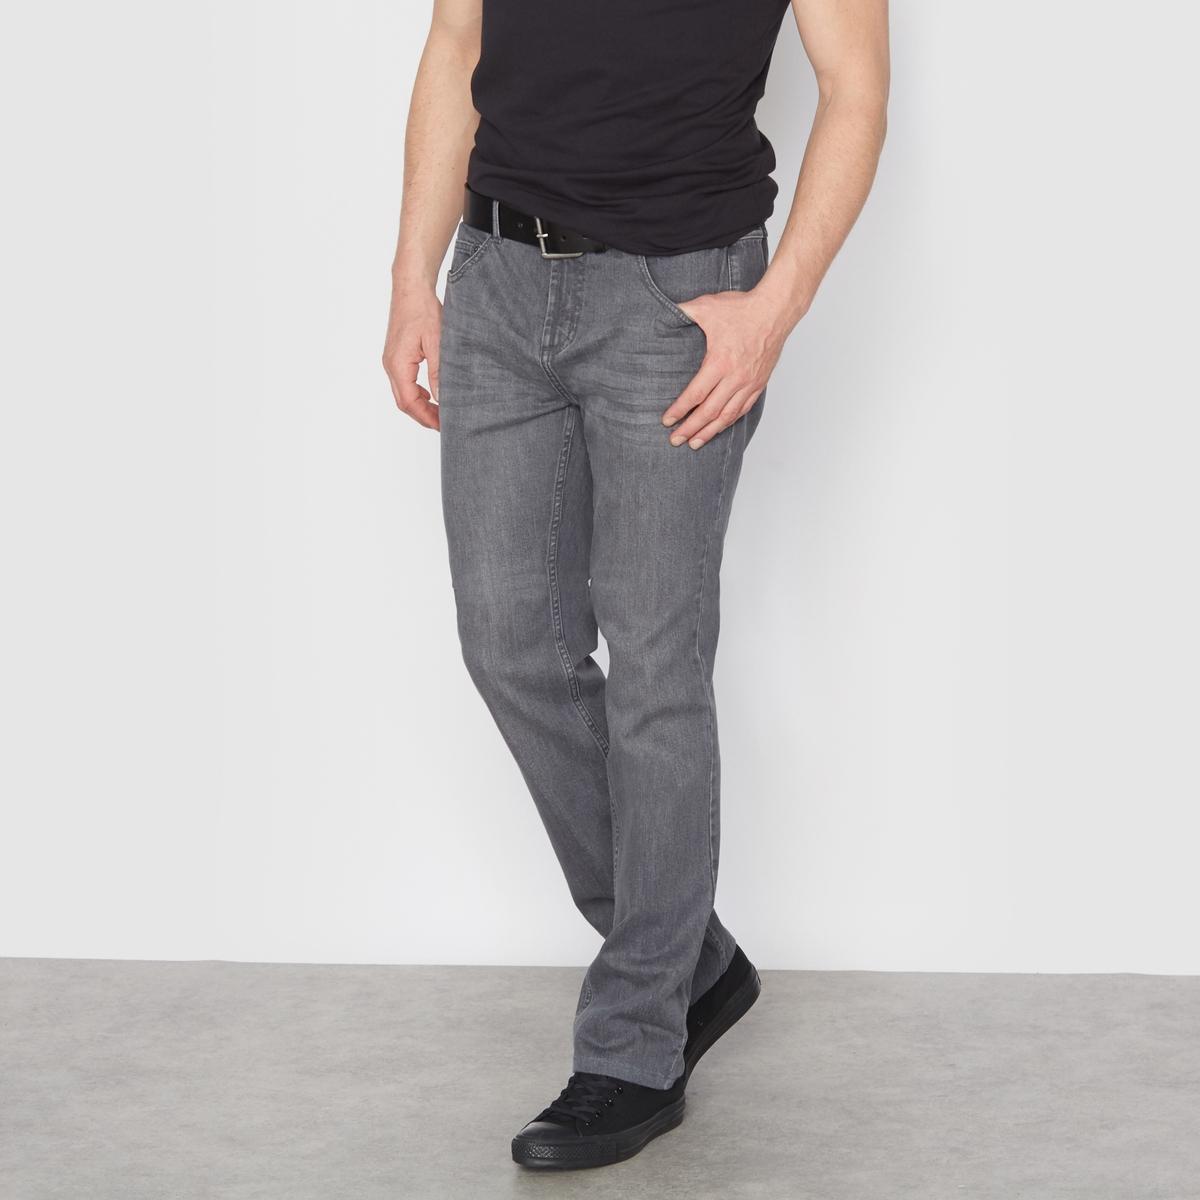 Джинсы из денима стретч серого цвета, эластичный пояс по бокамДлина по внутр.шву : 81,2-83,8 см, в зависимости от размера. - Ширина по низу : 20,2-25,4 см, в зависимости от размера.<br><br>Цвет: серый<br>Размер: 68.54.62.66